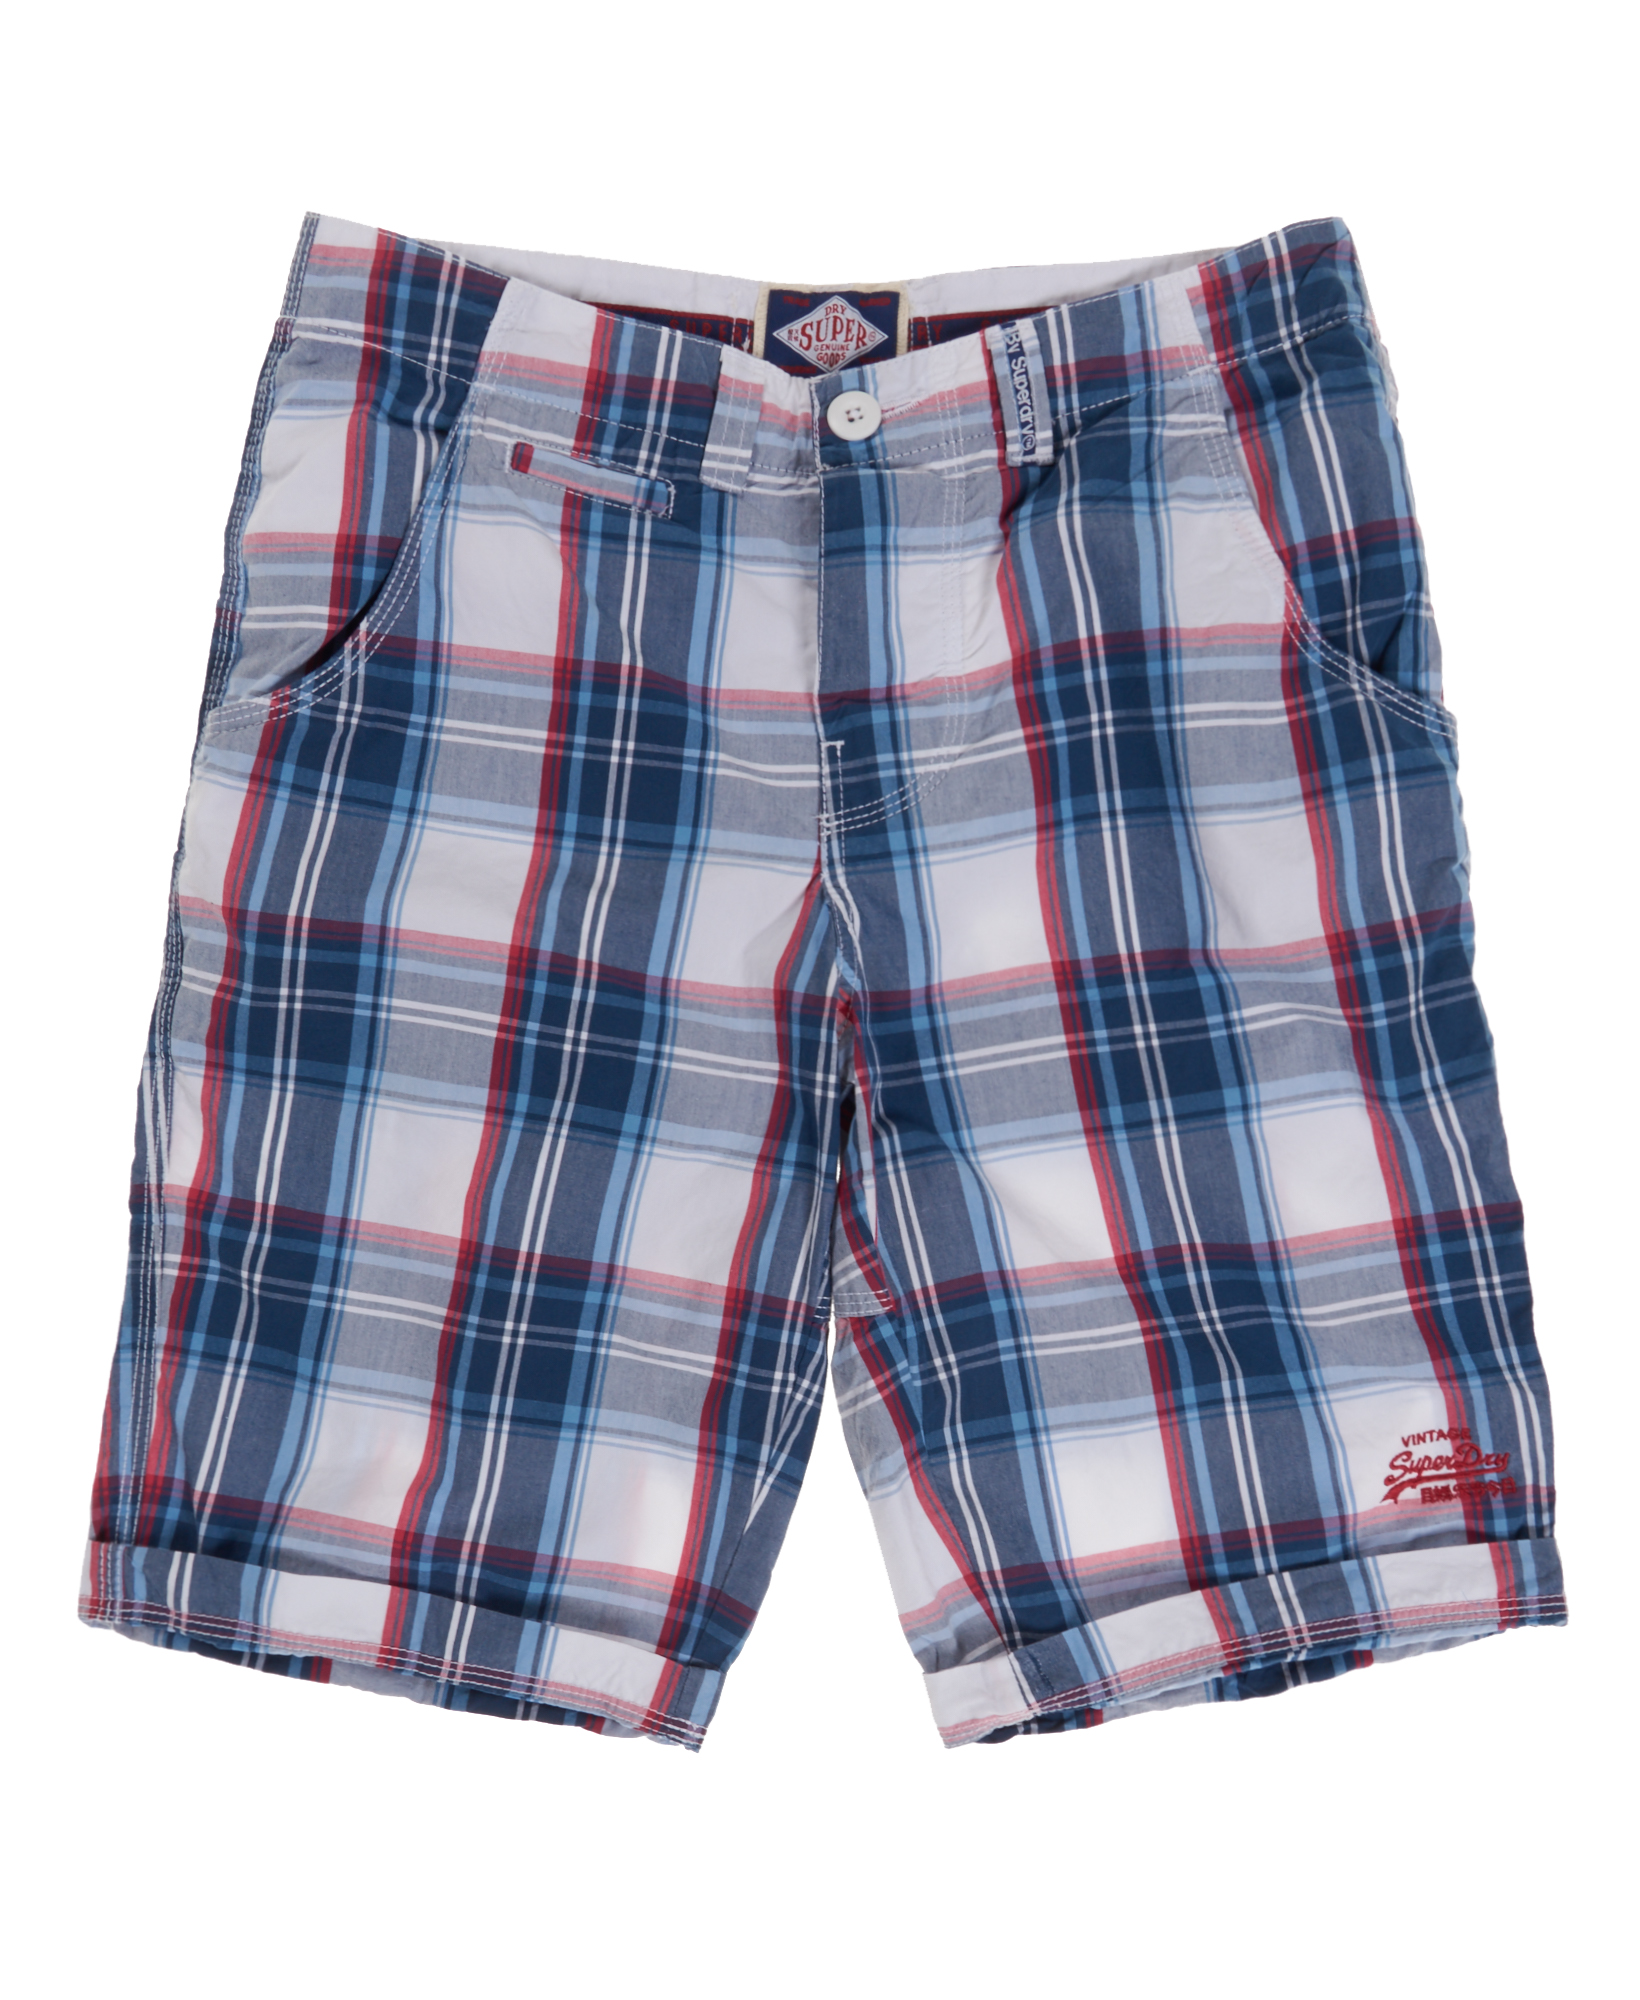 New Mens Superdry Poolside Washbasket Shorts Bermuda Check Blue | eBay